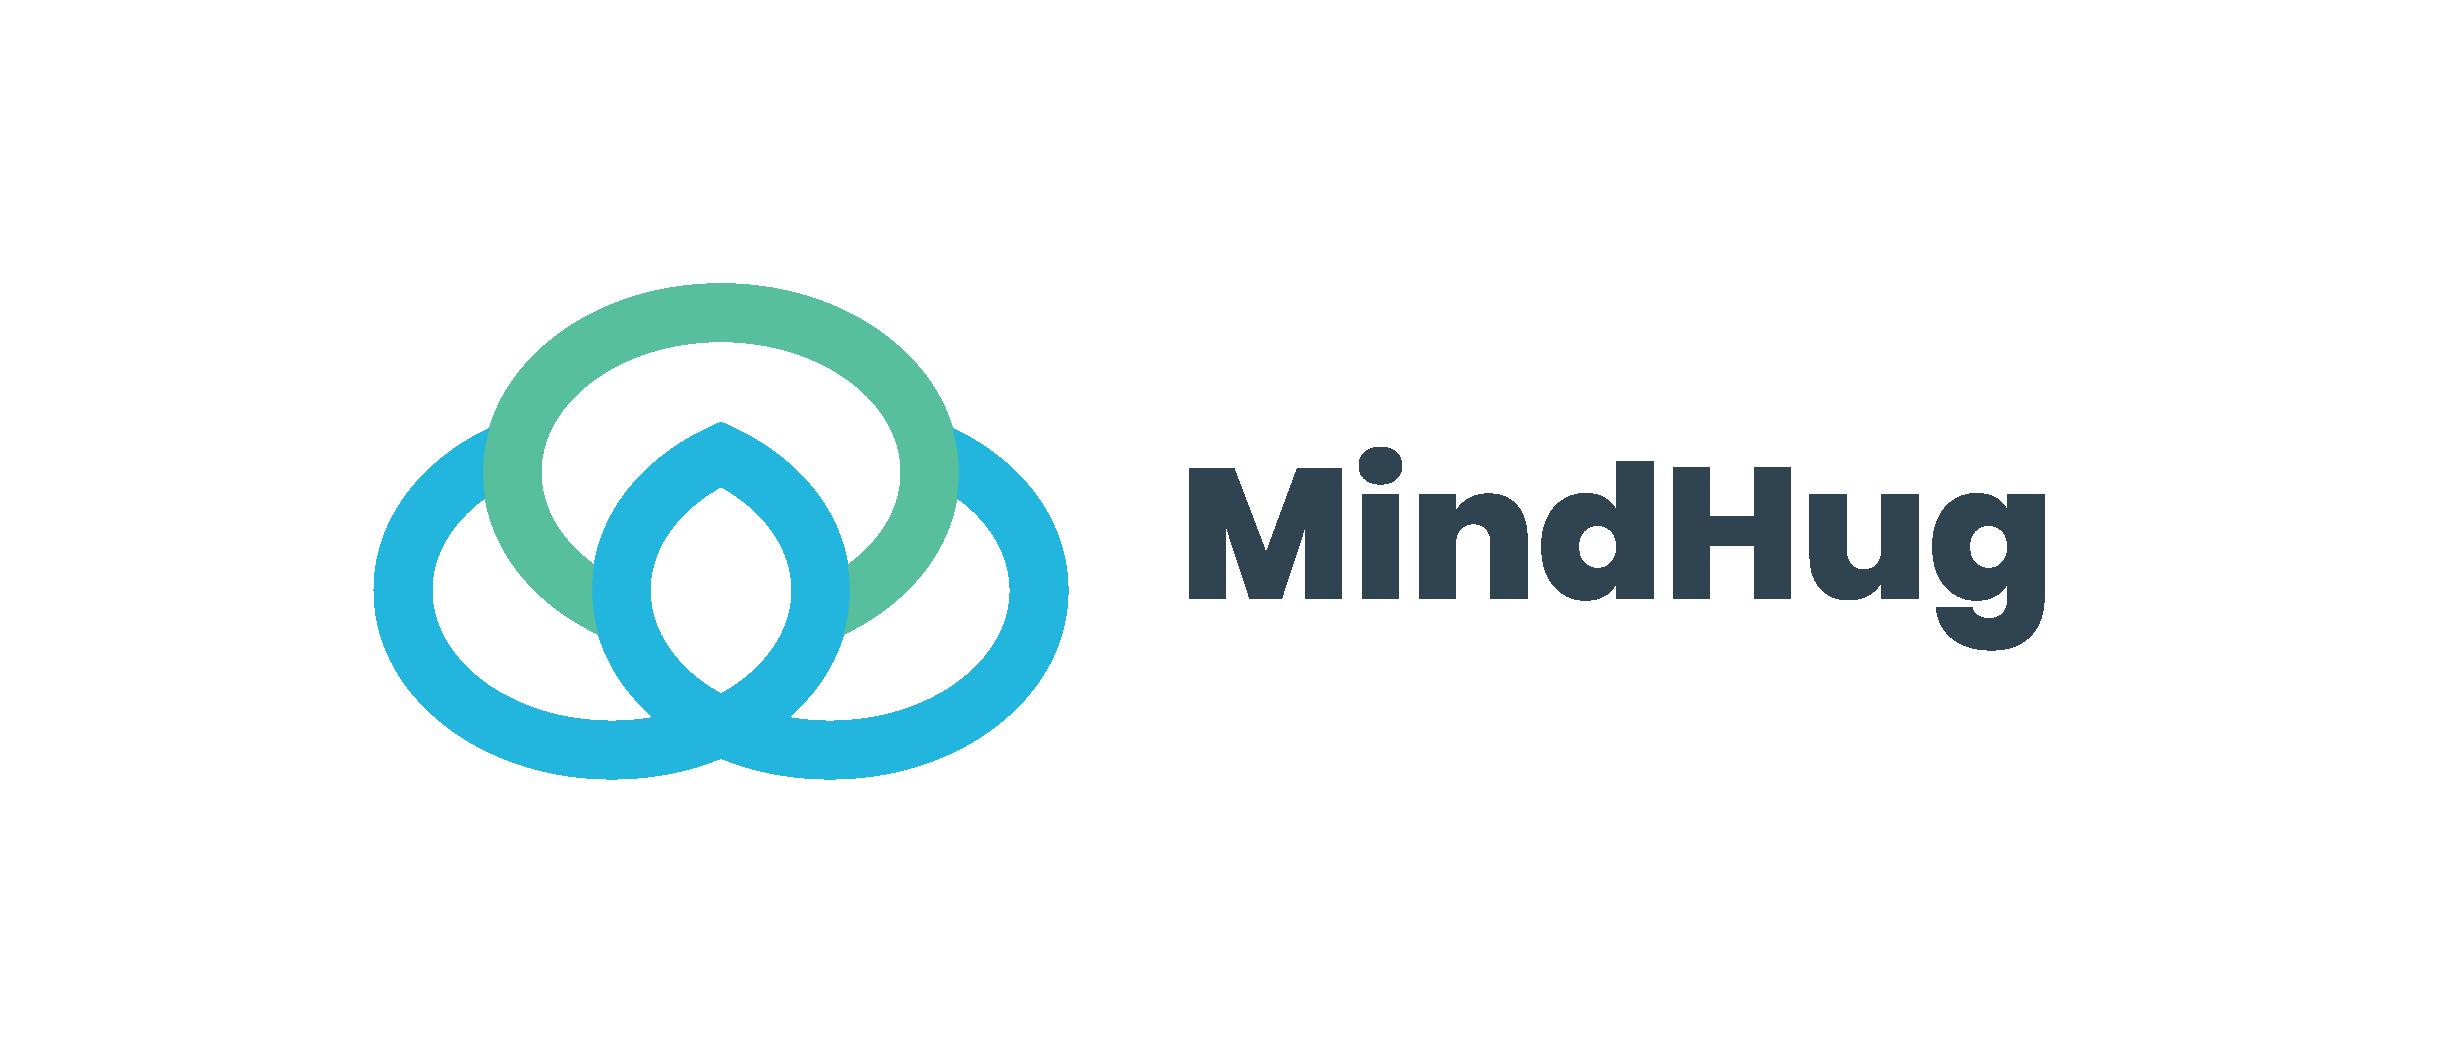 MindHug logo